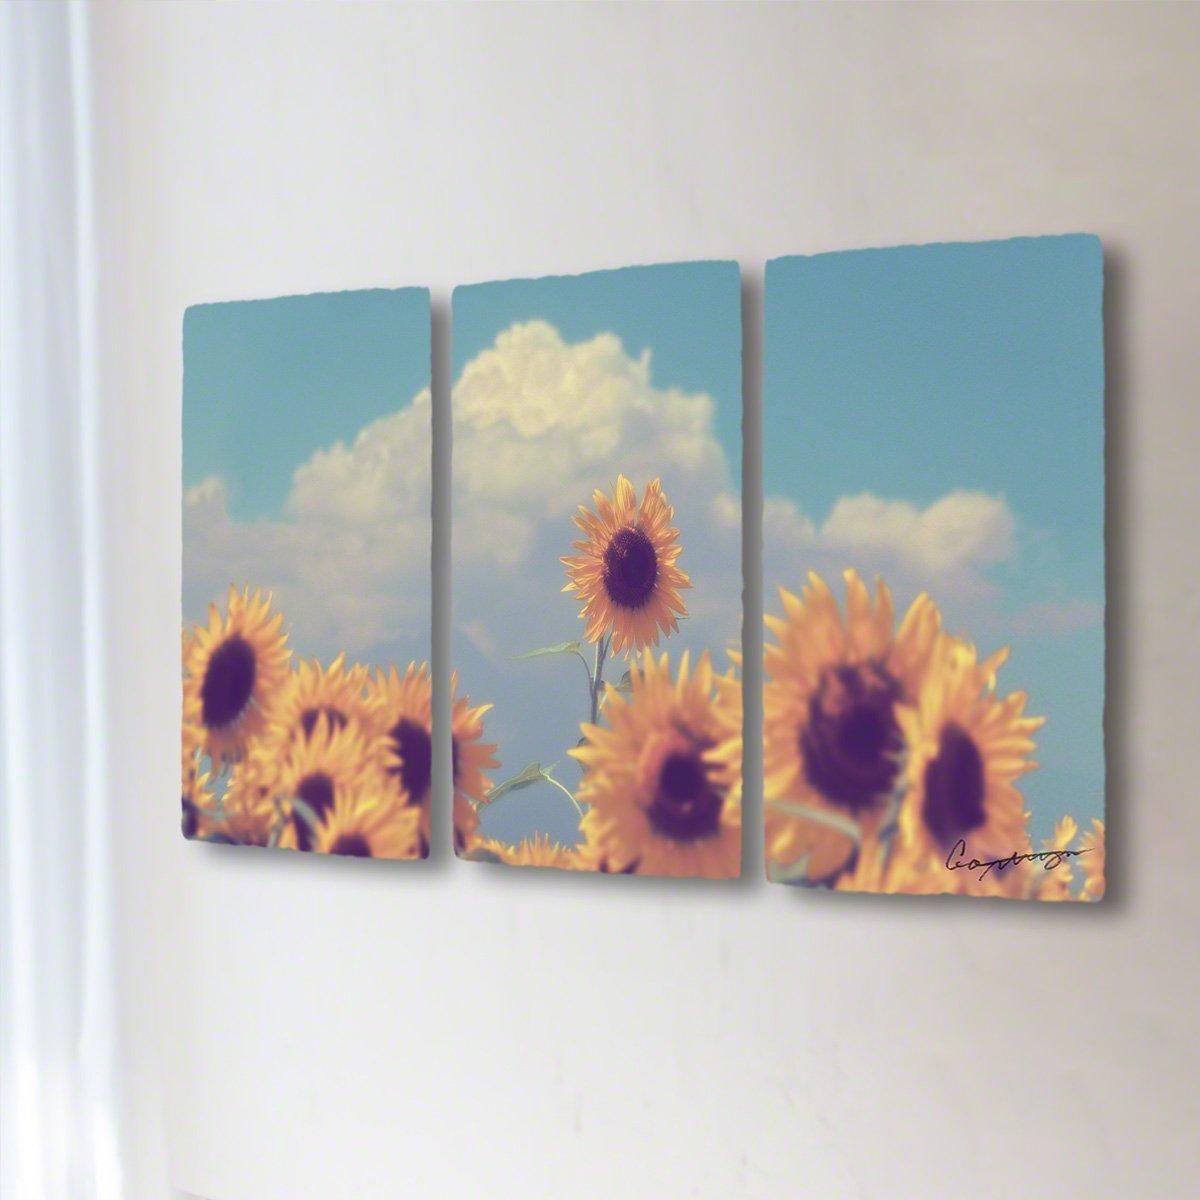 和紙 アートパネル 3枚 続き 「入道雲と顔を出したヒマワリの花」 (64x36cm) 花 絵 絵画 壁掛け 壁飾り インテリア アート B07F1X1C3H 32.アートパネル3枚続き(長辺64cm) 24800円|入道雲と顔を出したヒマワリの花 入道雲と顔を出したヒマワリの花 32.アートパネル3枚続き(長辺64cm) 24800円